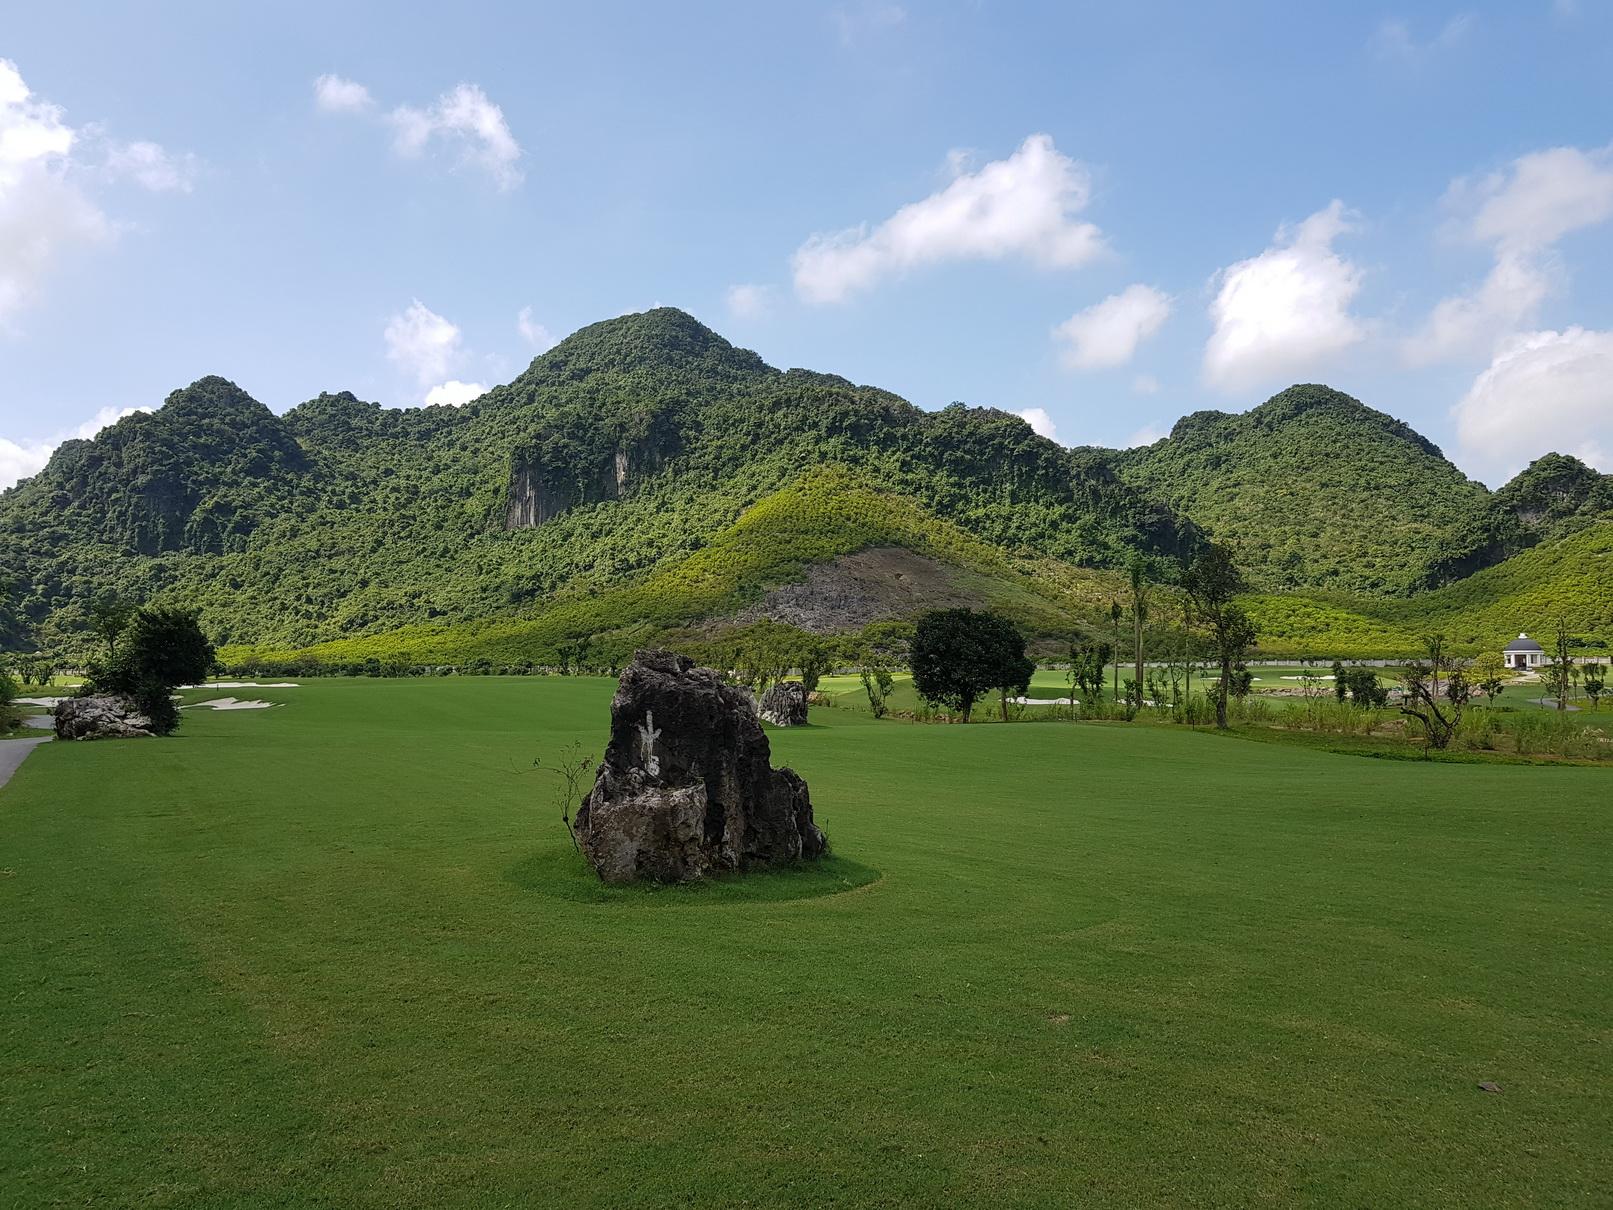 Thảm thực vật xanh mướt cùng khu vực núi đá tại sân golf kim bảng